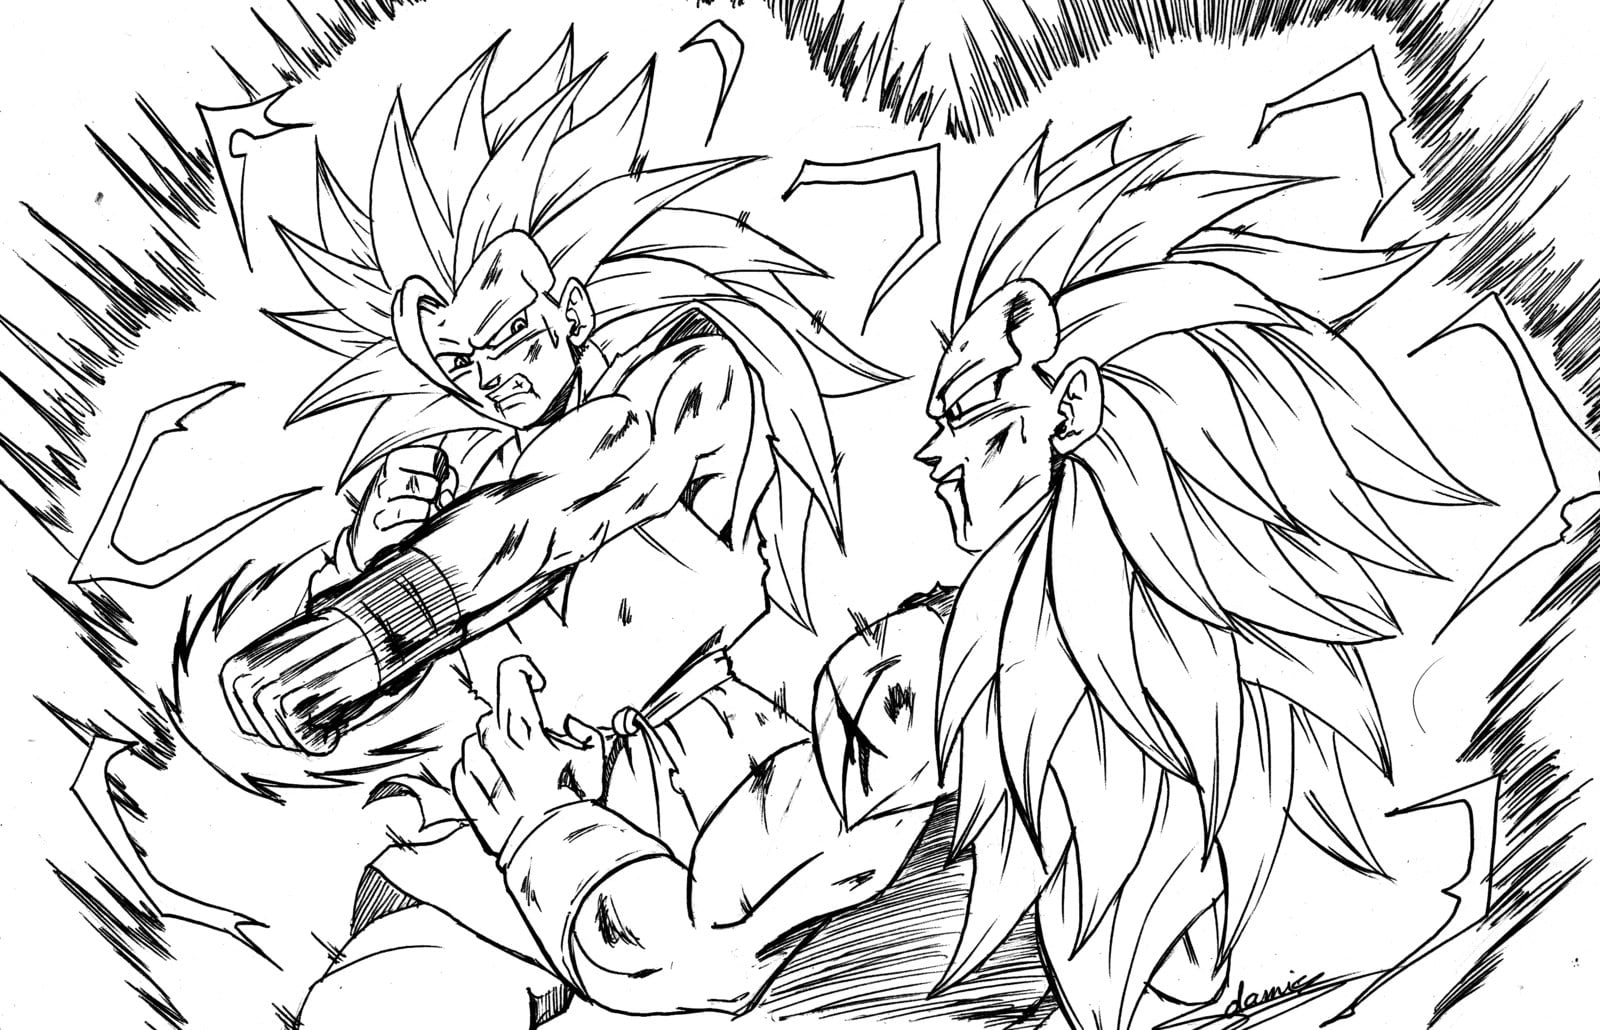 Dibujo De Goku Y Vegeta Para Imprimir Y Colorear: Desenhos Para Colorir E Imprimir Dragon Ball Z